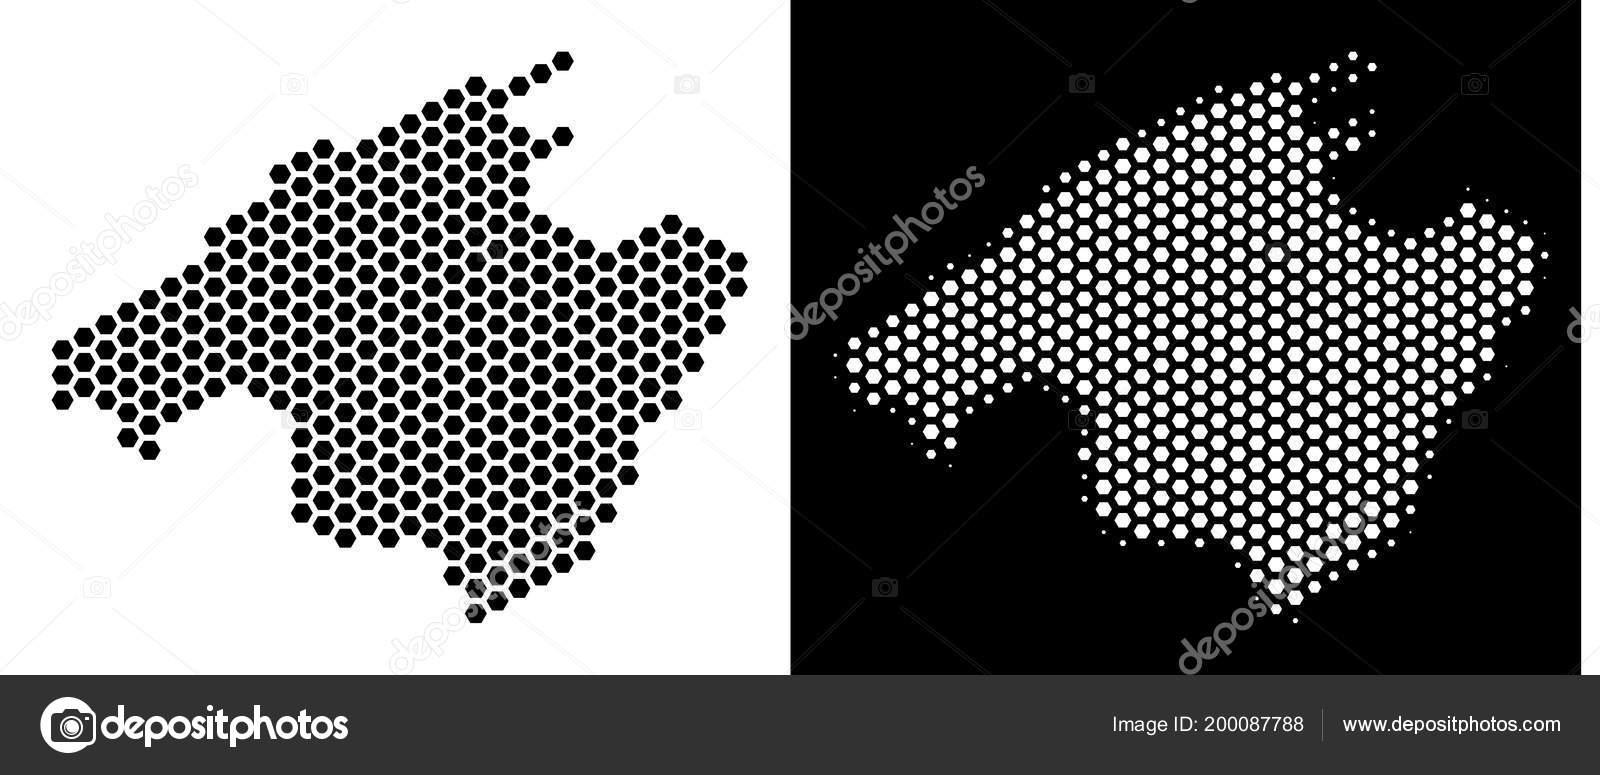 Spanien Karte Schwarz Weiß.Spanien Mallorca Insel Sechseck Schema Stockvektor Ahasoft